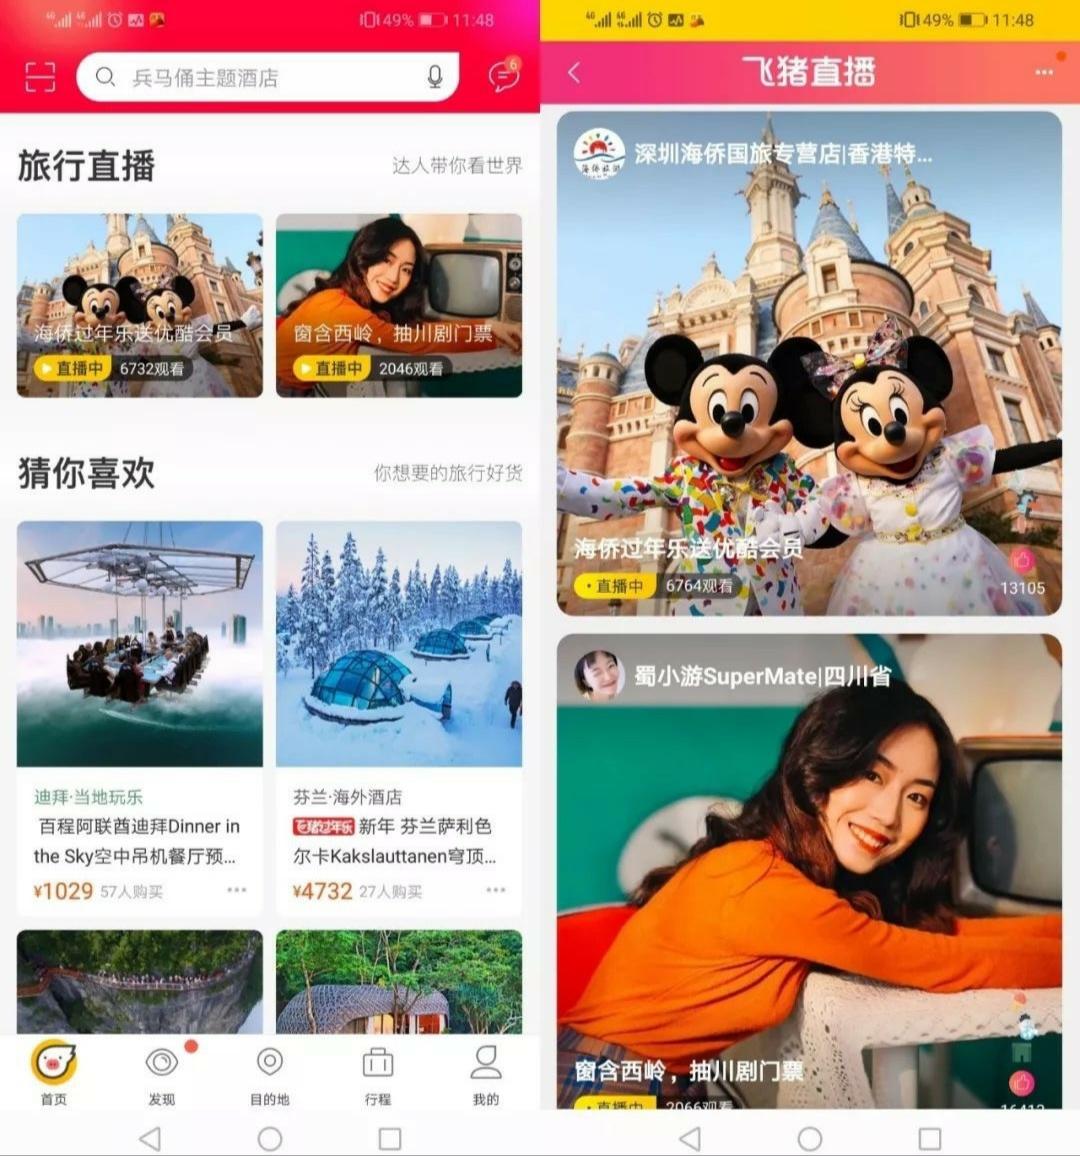 Screenshot_2019-08-01-10-46-06-586_com.tencent.mm.png